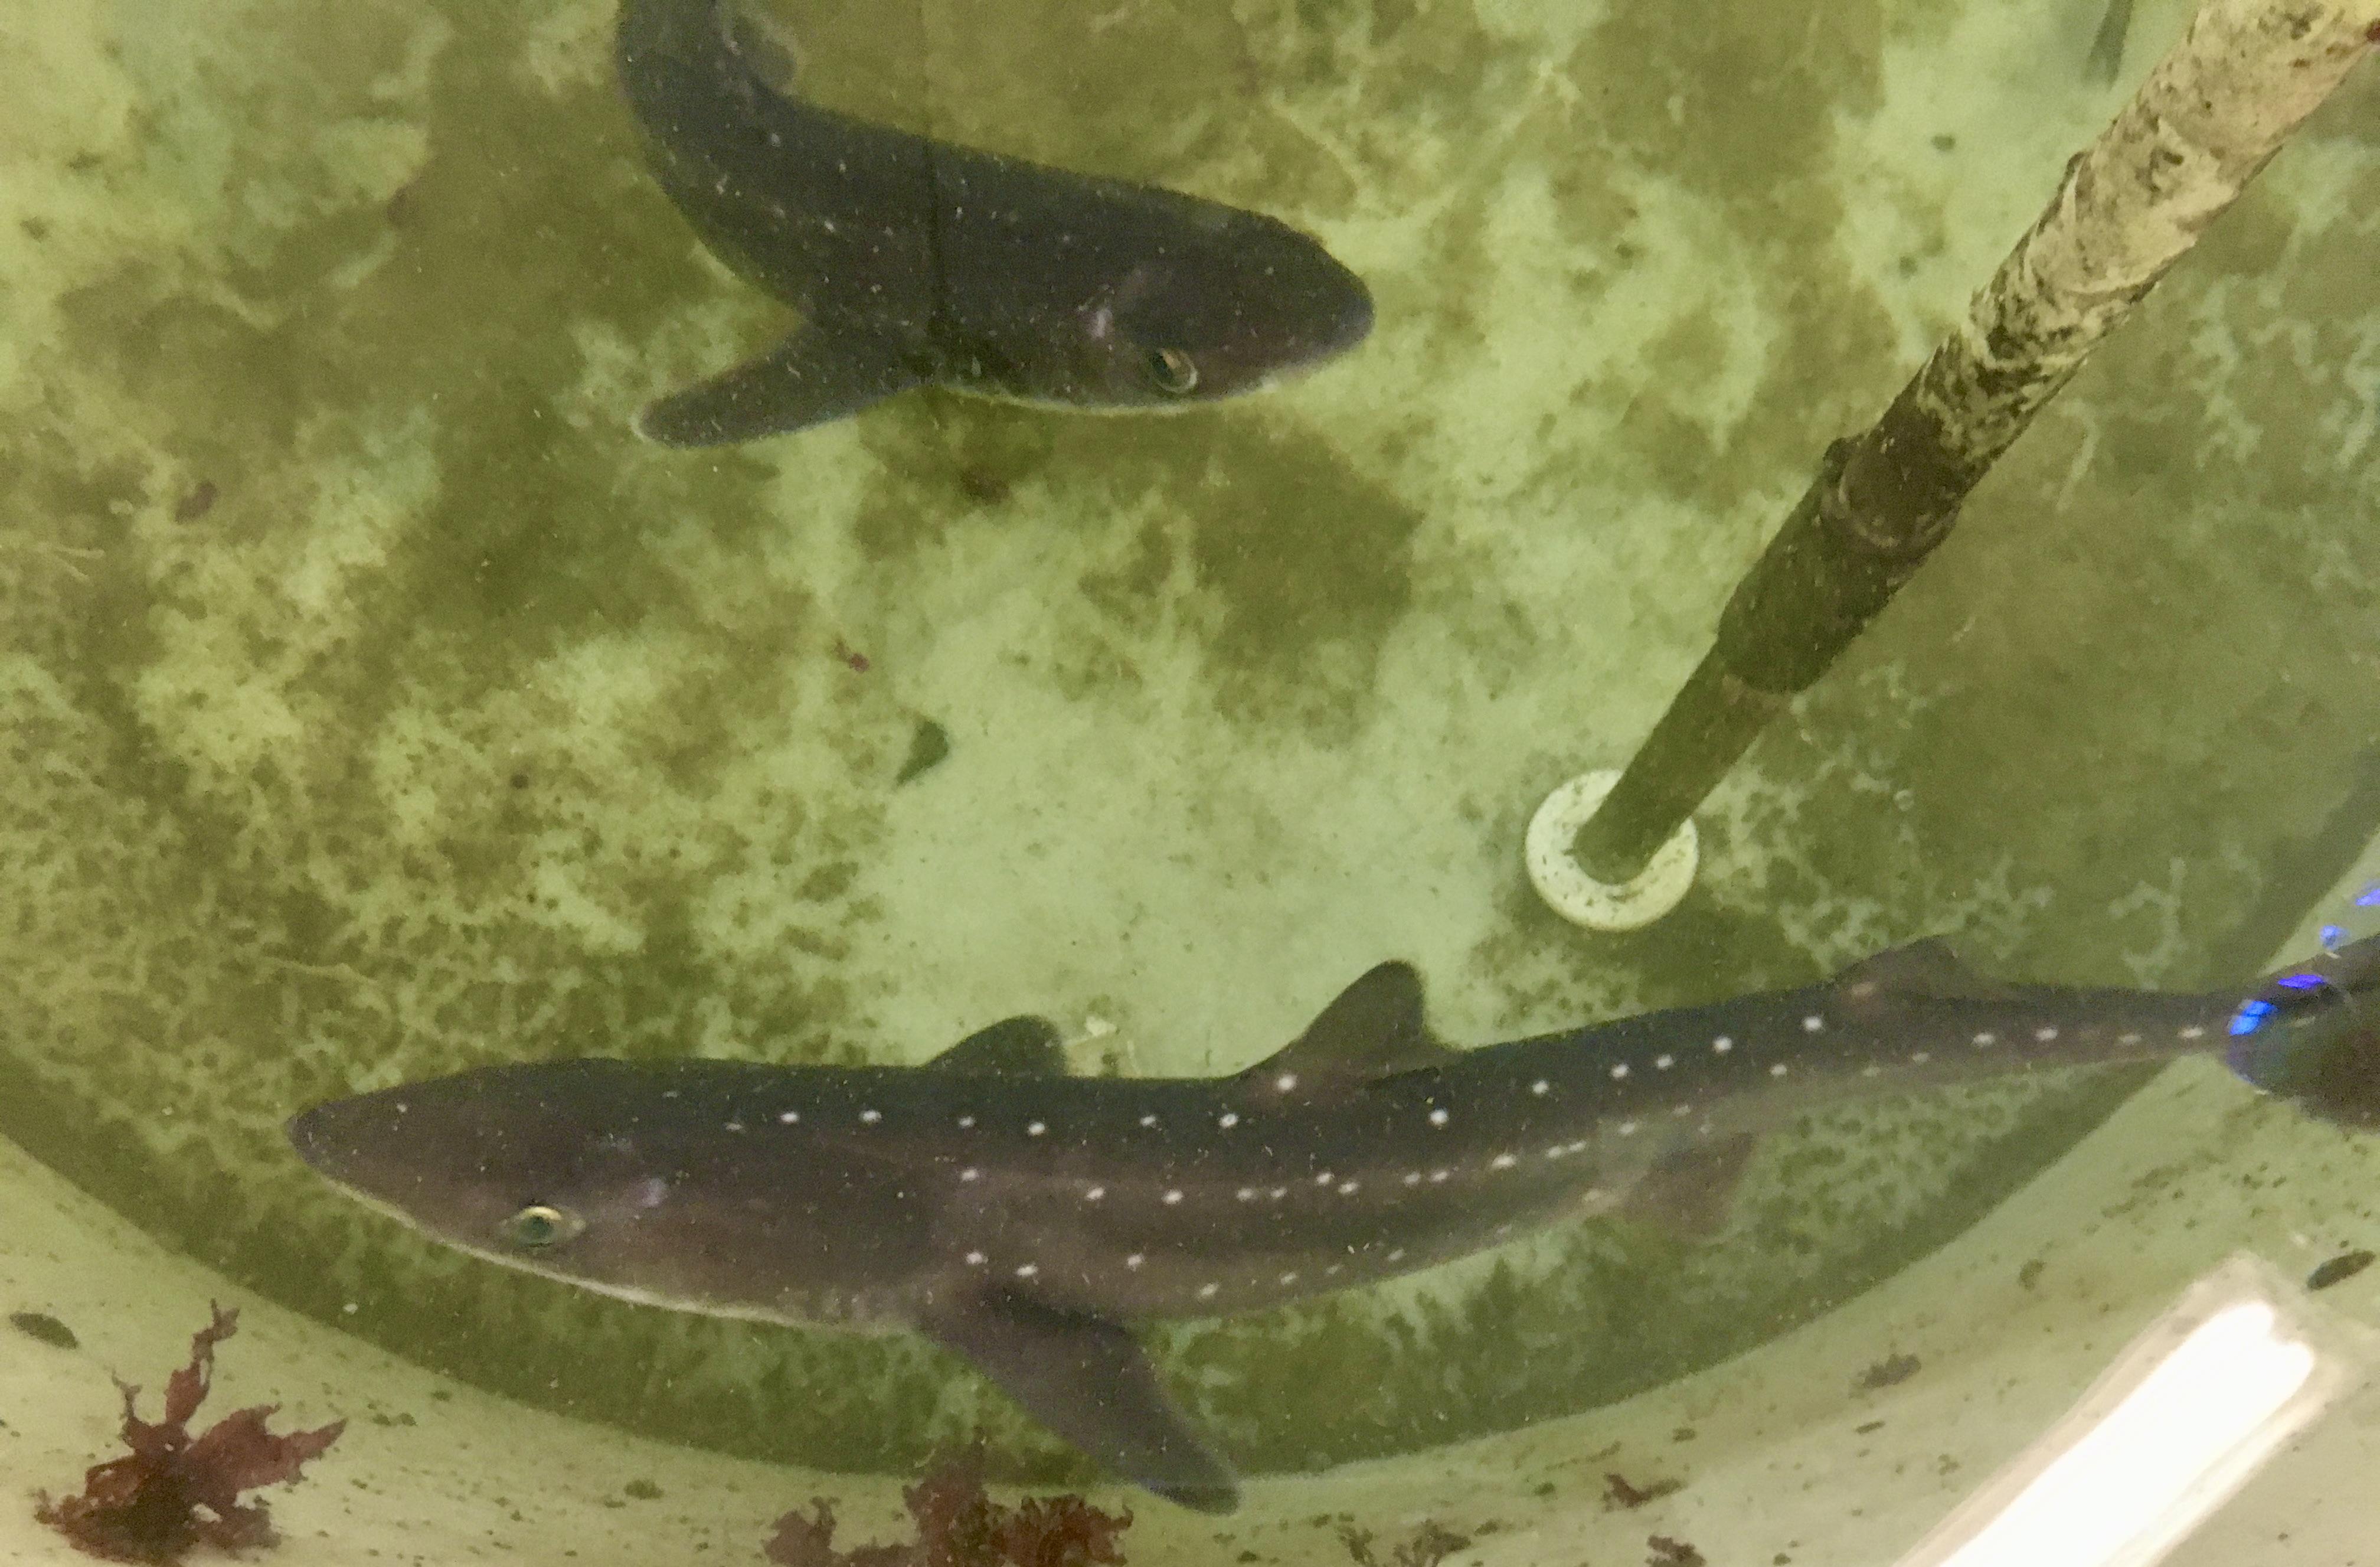 Two sharks swim in a circular tank